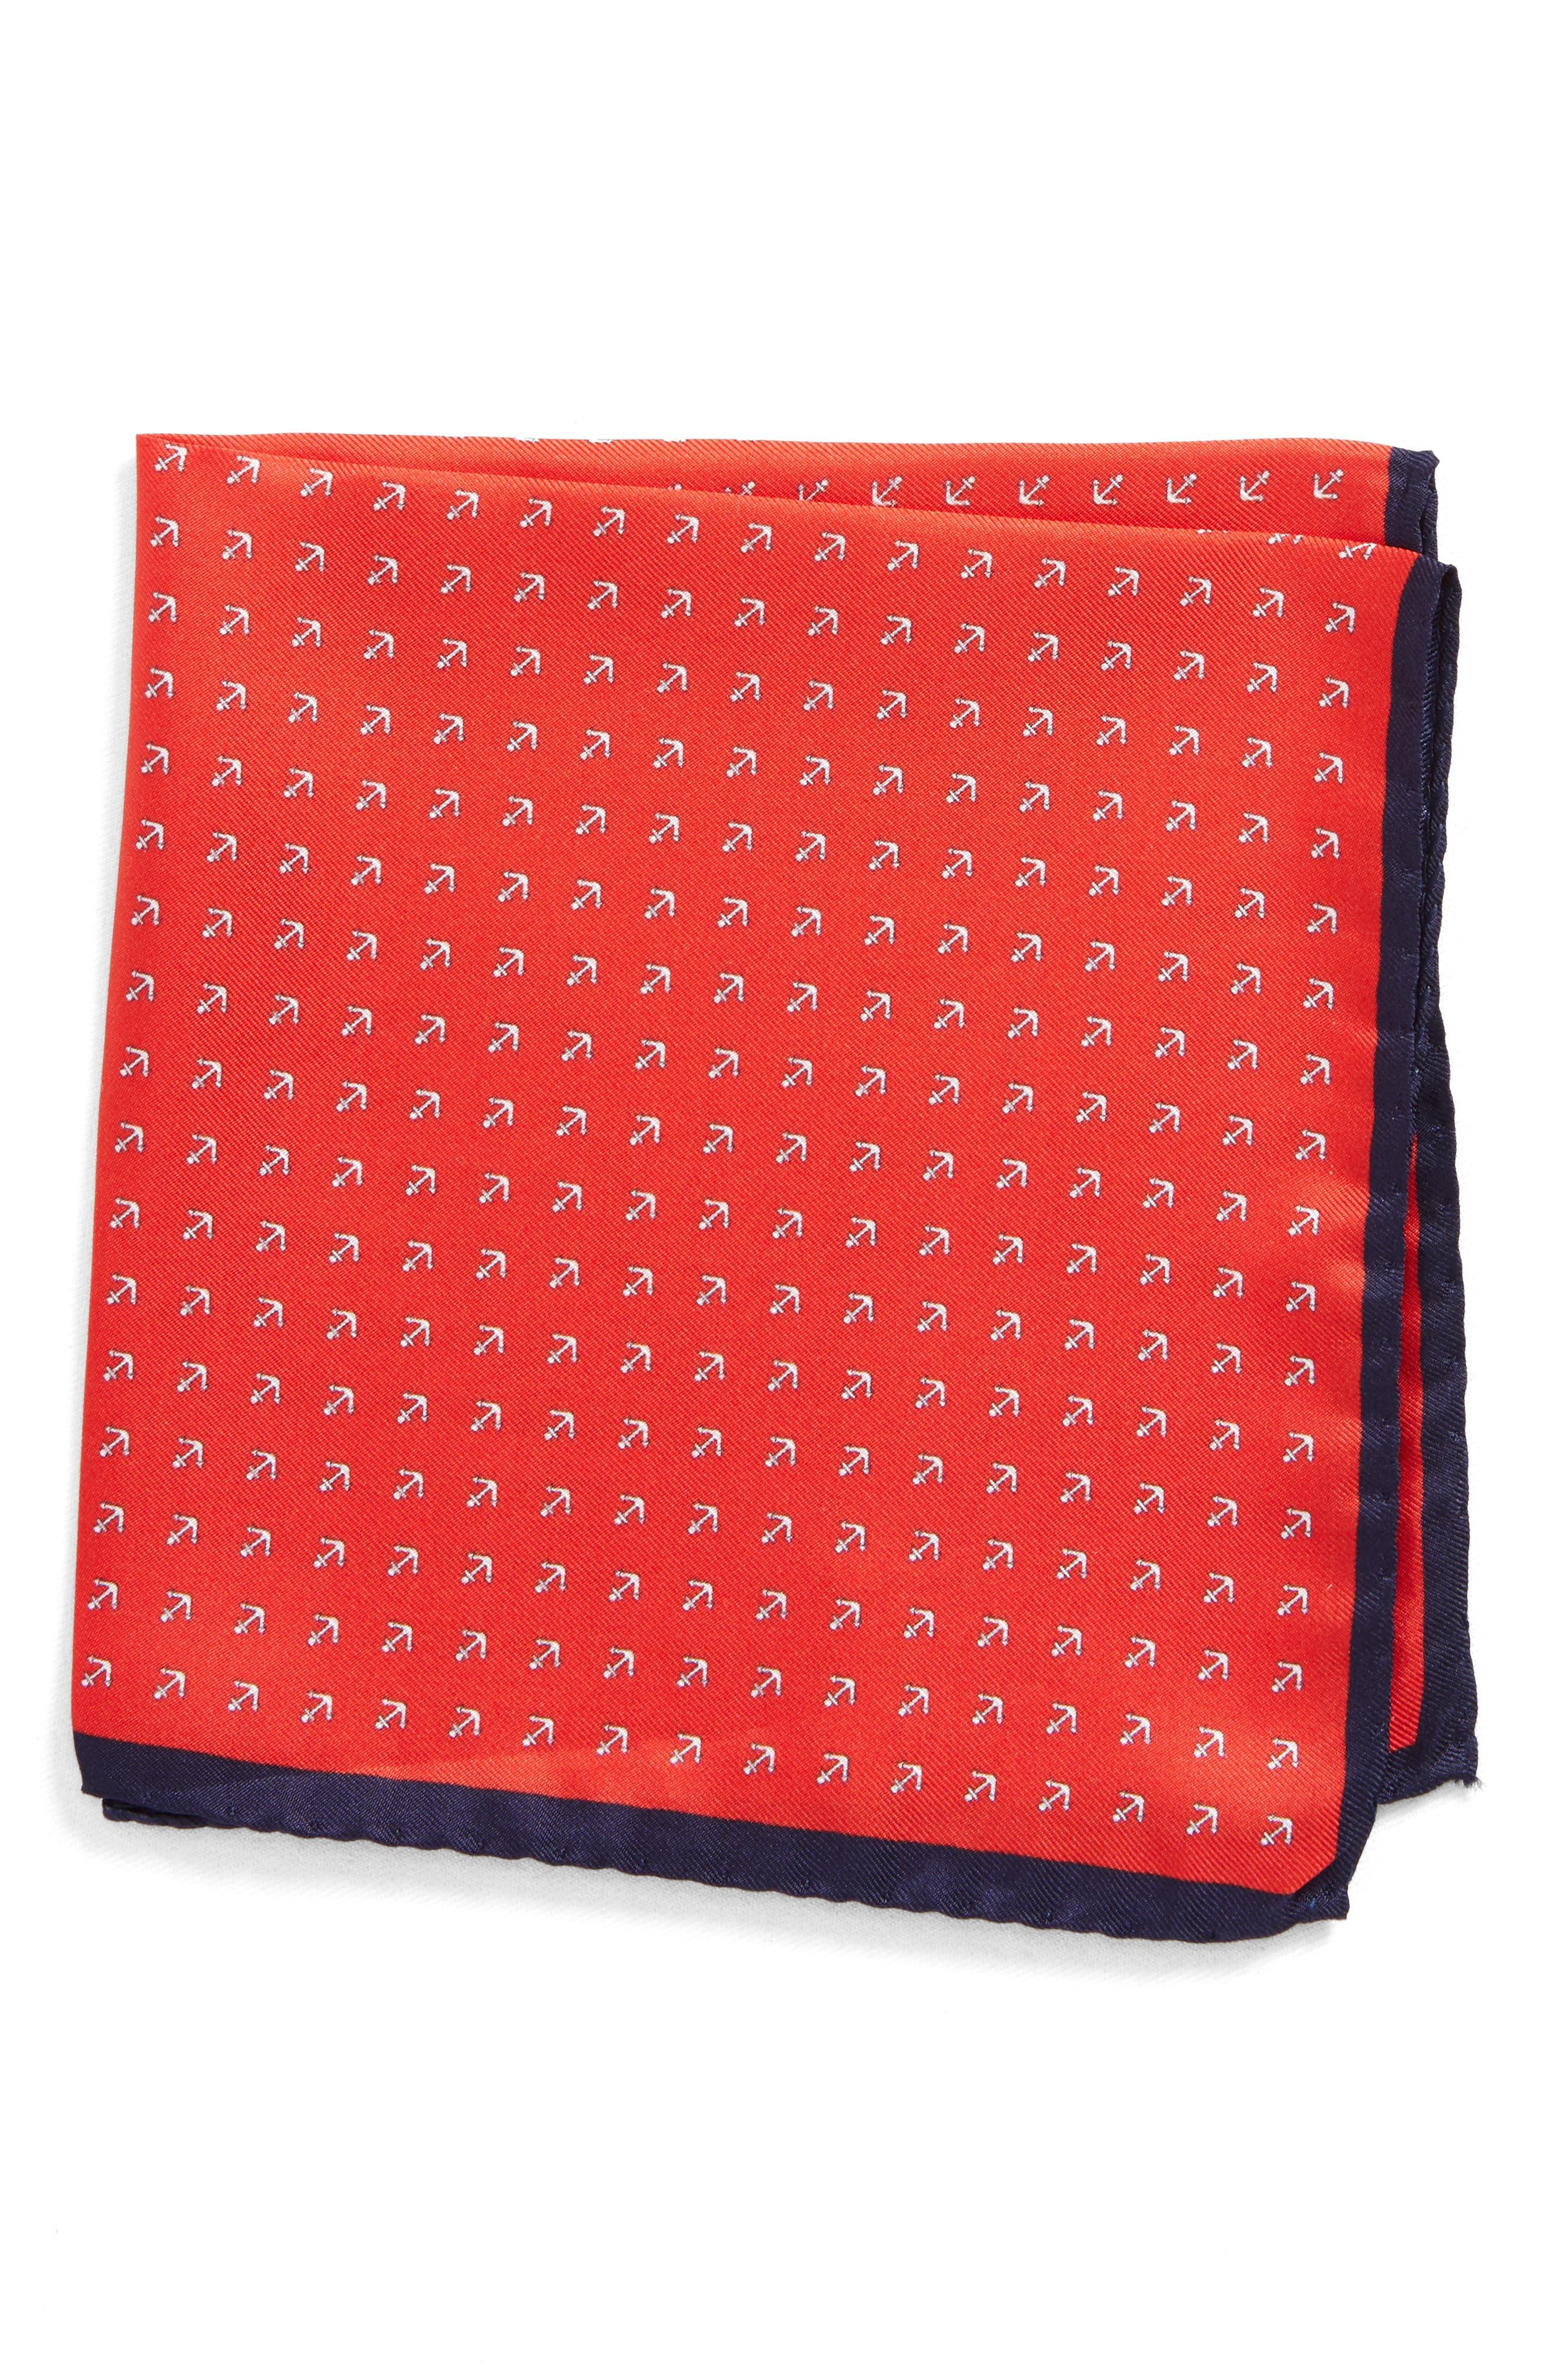 Anchorman Silk Pocket Square,                             Main thumbnail 1, color,                             NAVY/ RED